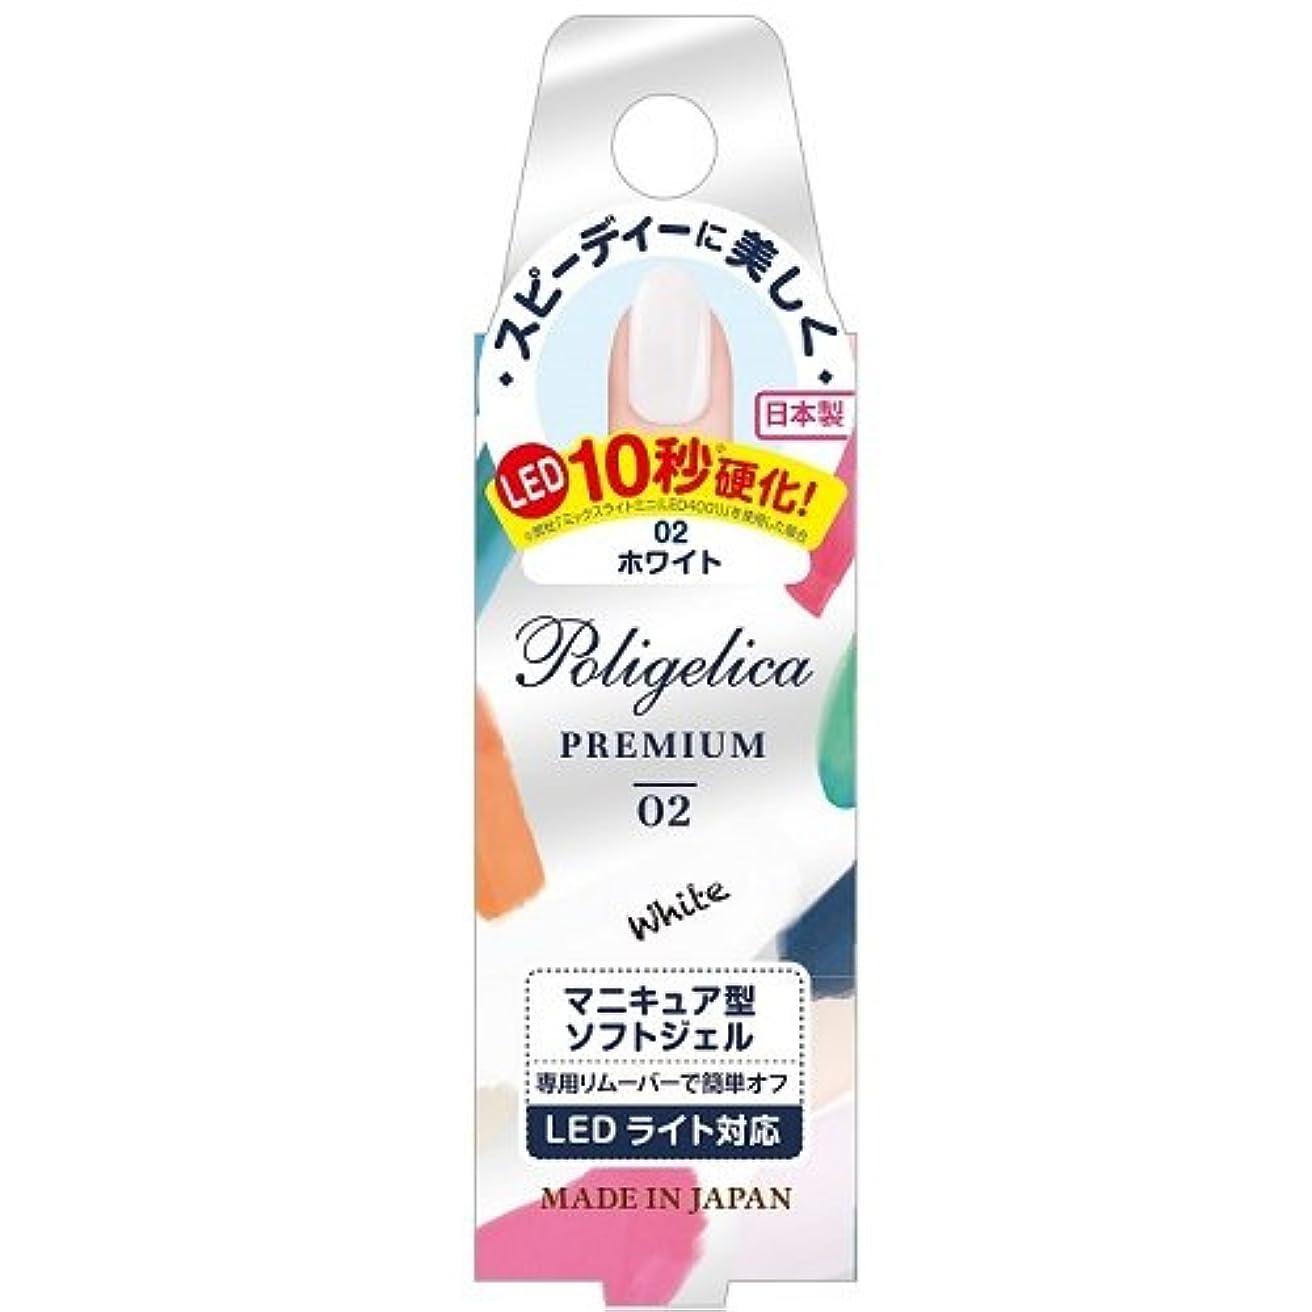 ジャーナルグリップ許可BW ポリジェリカプレミアム カラージェル 1002/ホワイト (6g)